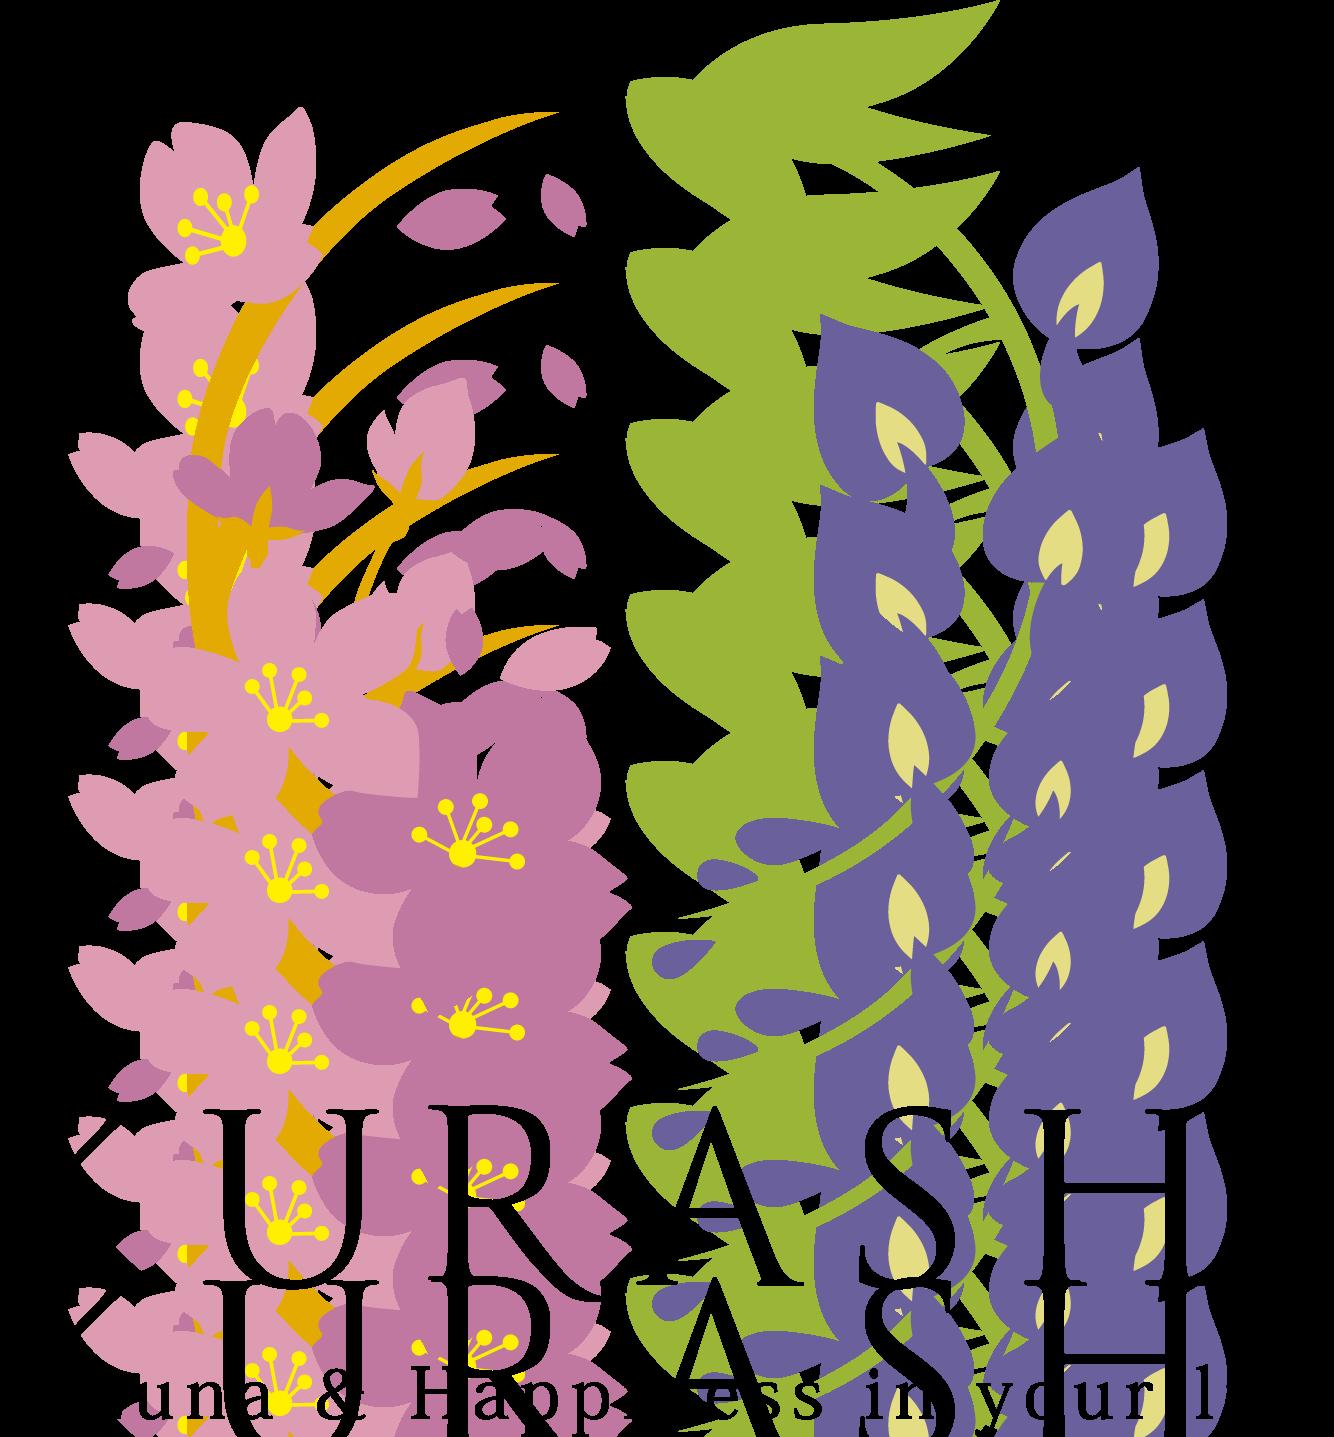 不動産業と親しみ/優しいとマルチカラーのロゴ